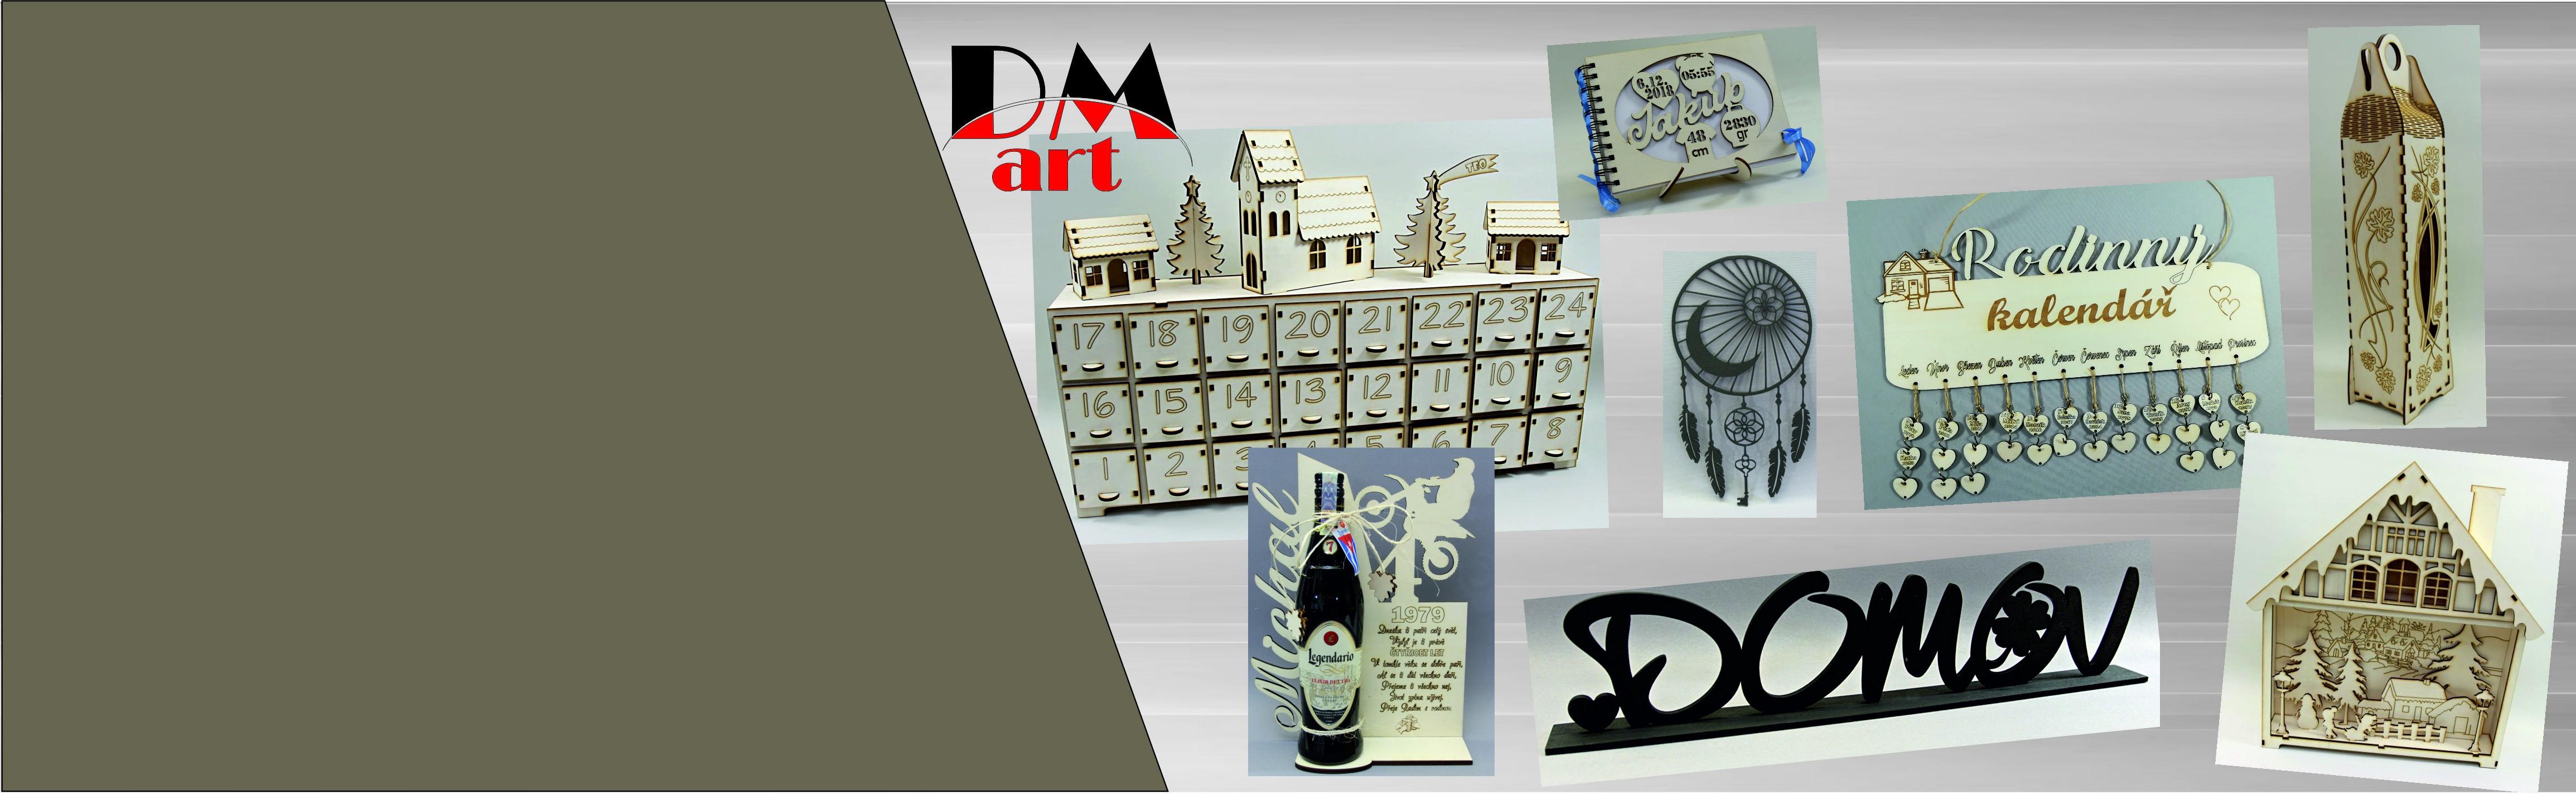 Upomínkové a dekorativní předměty